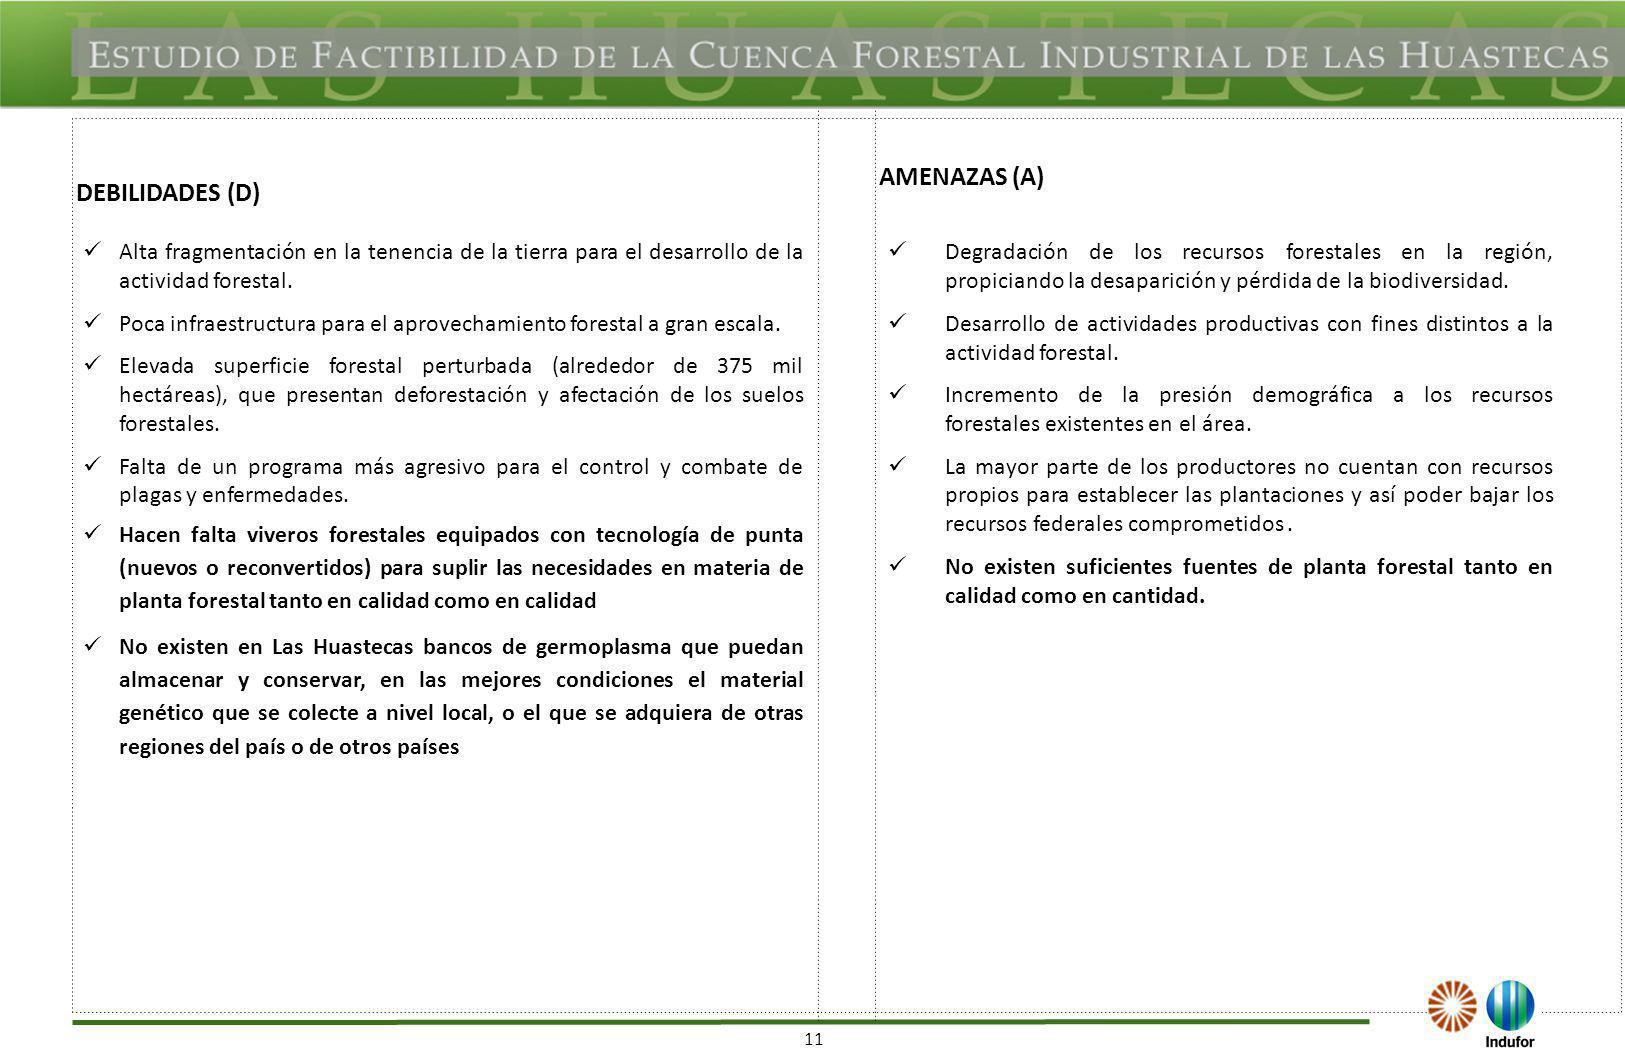 11 DEBILIDADES (D) AMENAZAS (A) Alta fragmentación en la tenencia de la tierra para el desarrollo de la actividad forestal. Poca infraestructura para